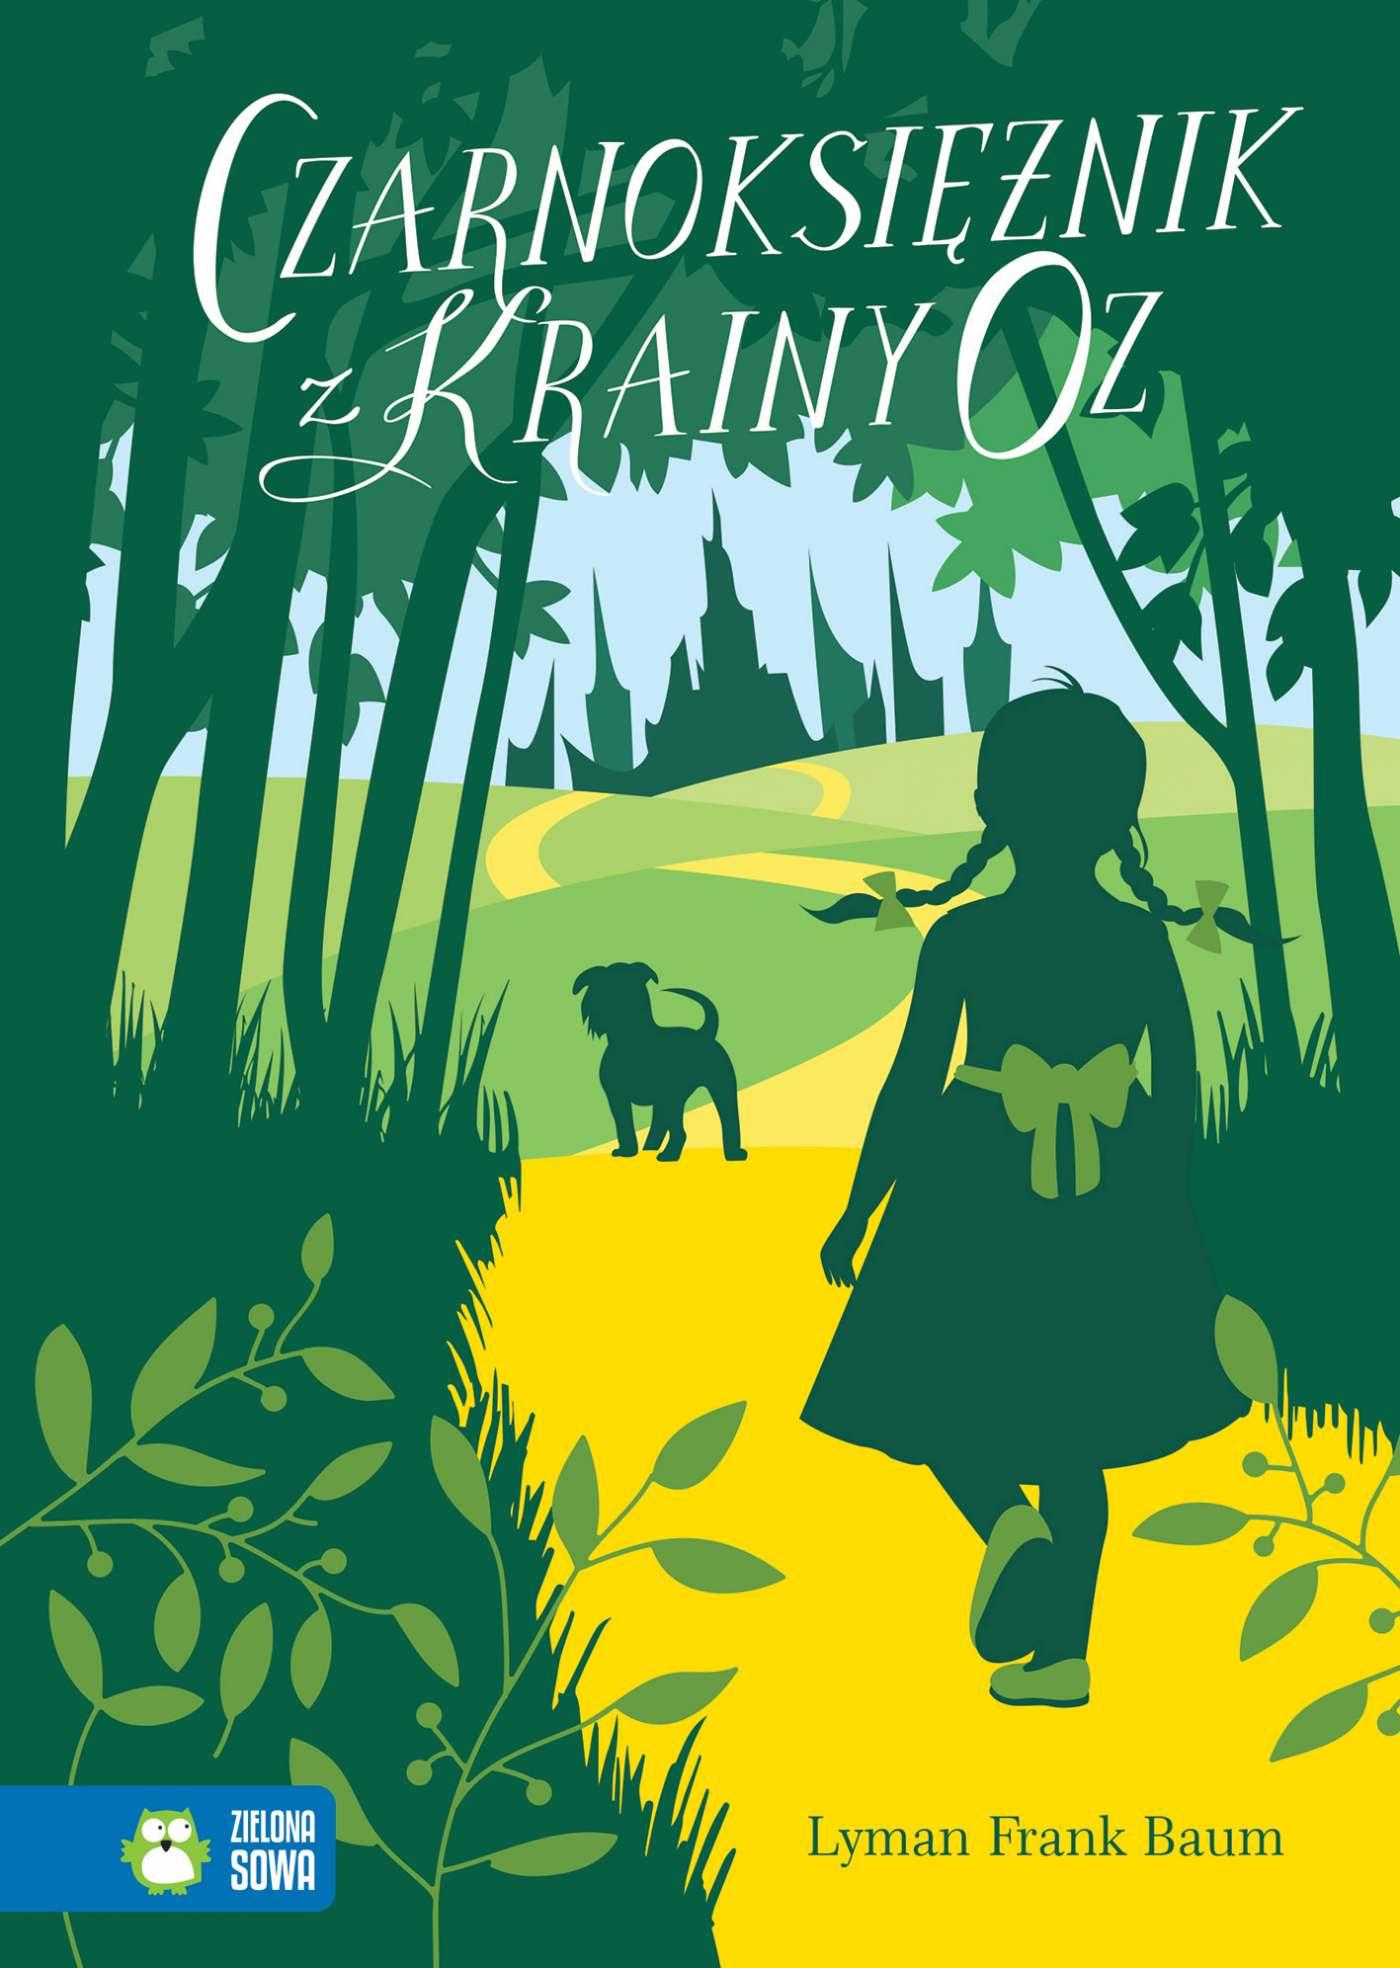 Czarnoksiężnik z Krainy Oz. Literatura klasyczna - Ebook (Książka na Kindle) do pobrania w formacie MOBI